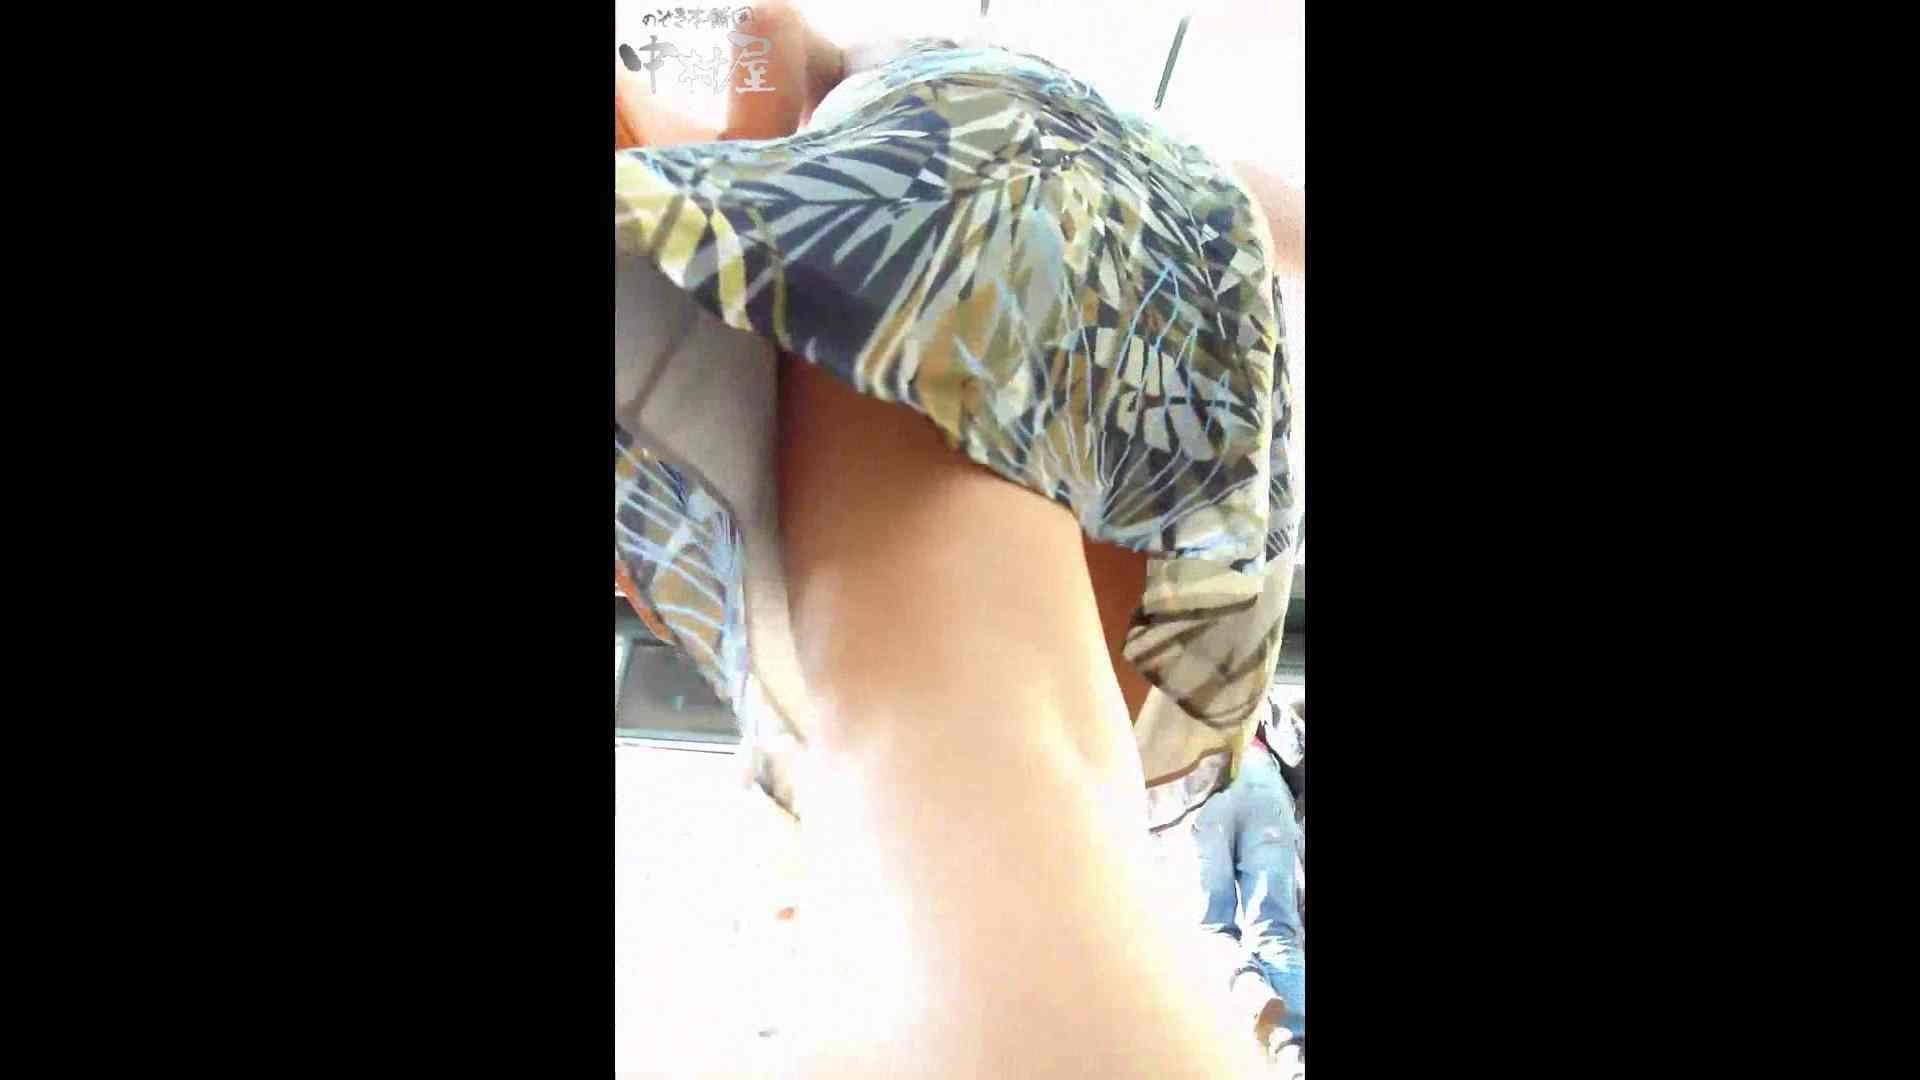 綺麗なモデルさんのスカート捲っちゃおう‼ vol16 OLセックス  100画像 26